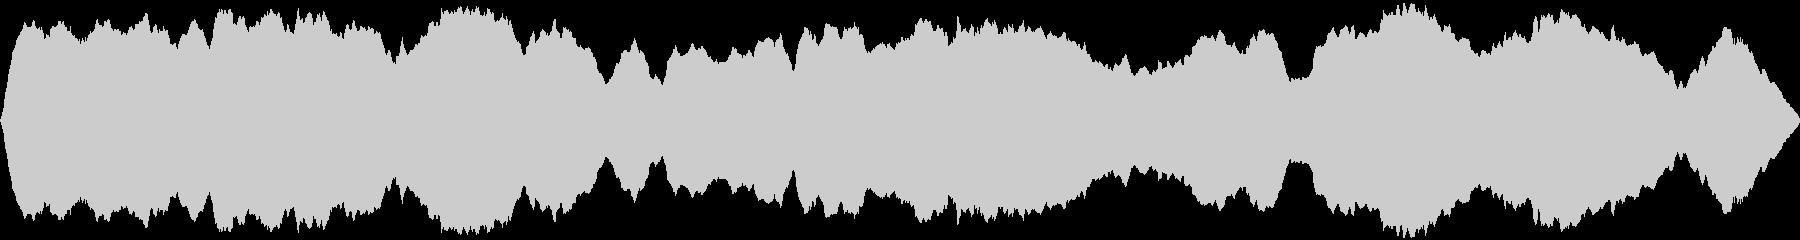 低音シンセドローン:光変調、低周波...の未再生の波形